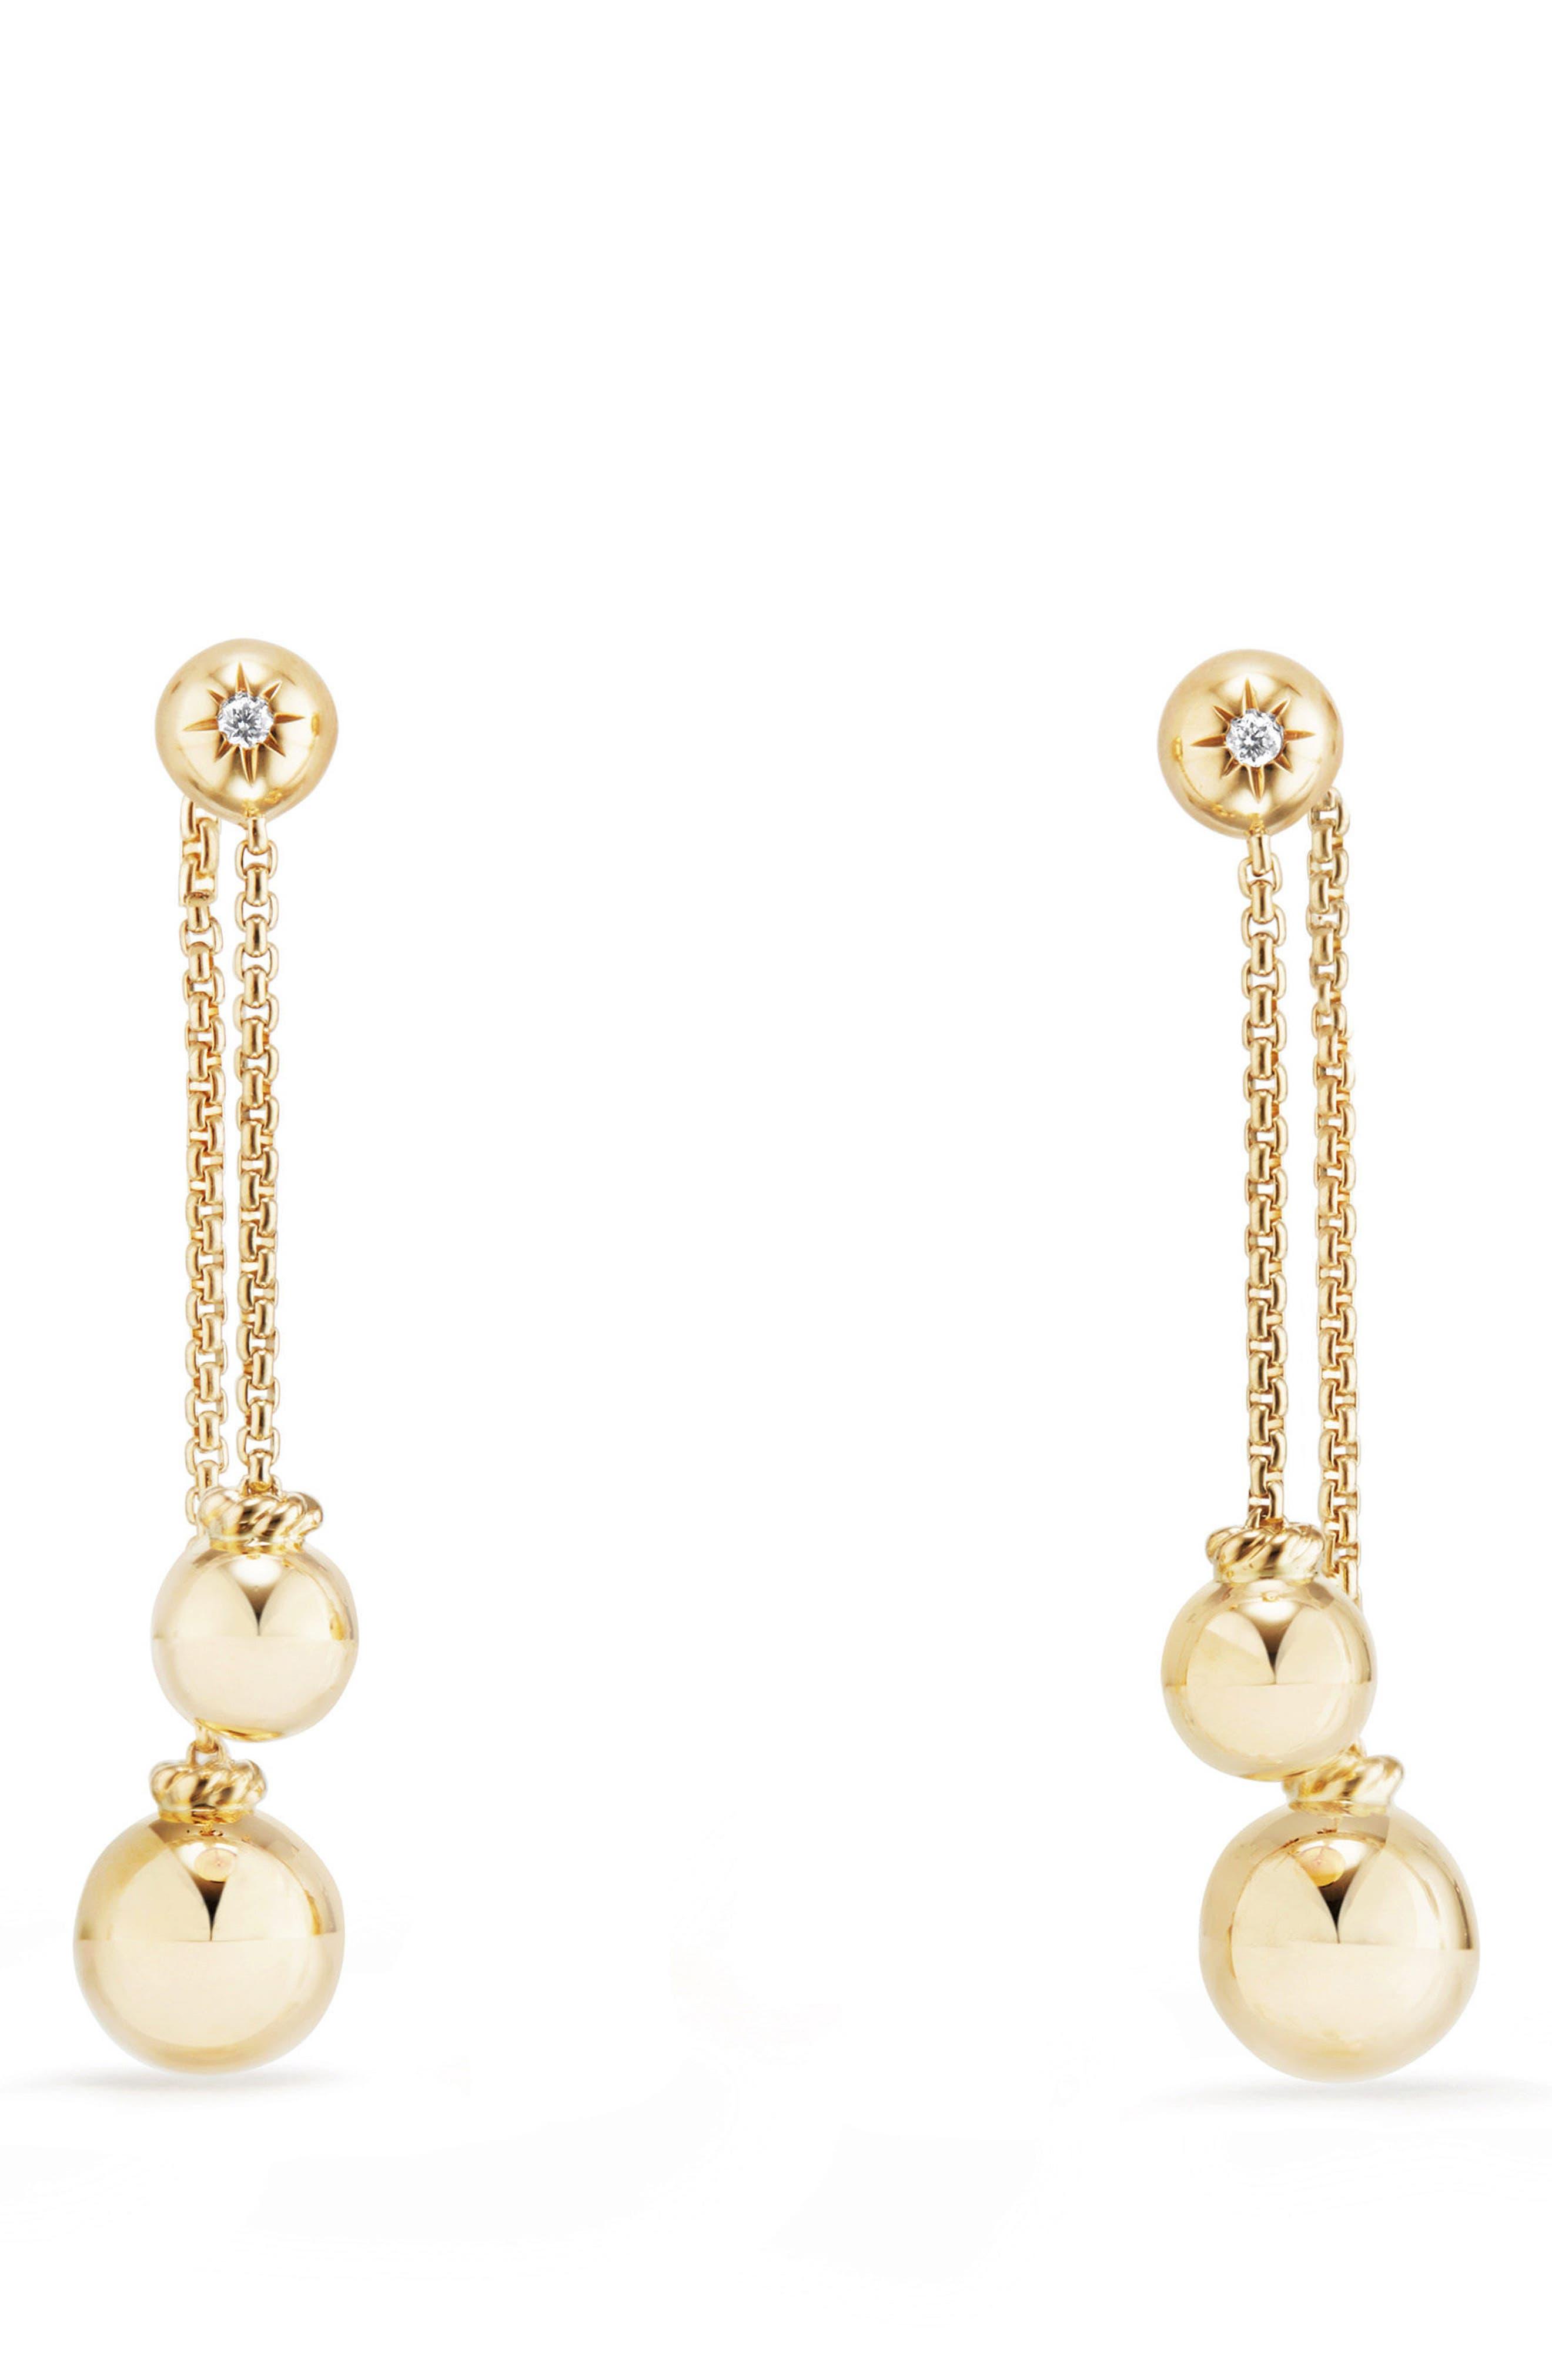 Main Image - David Yurman Solari Chain Drop Earrings with Diamonds in 18K Gold